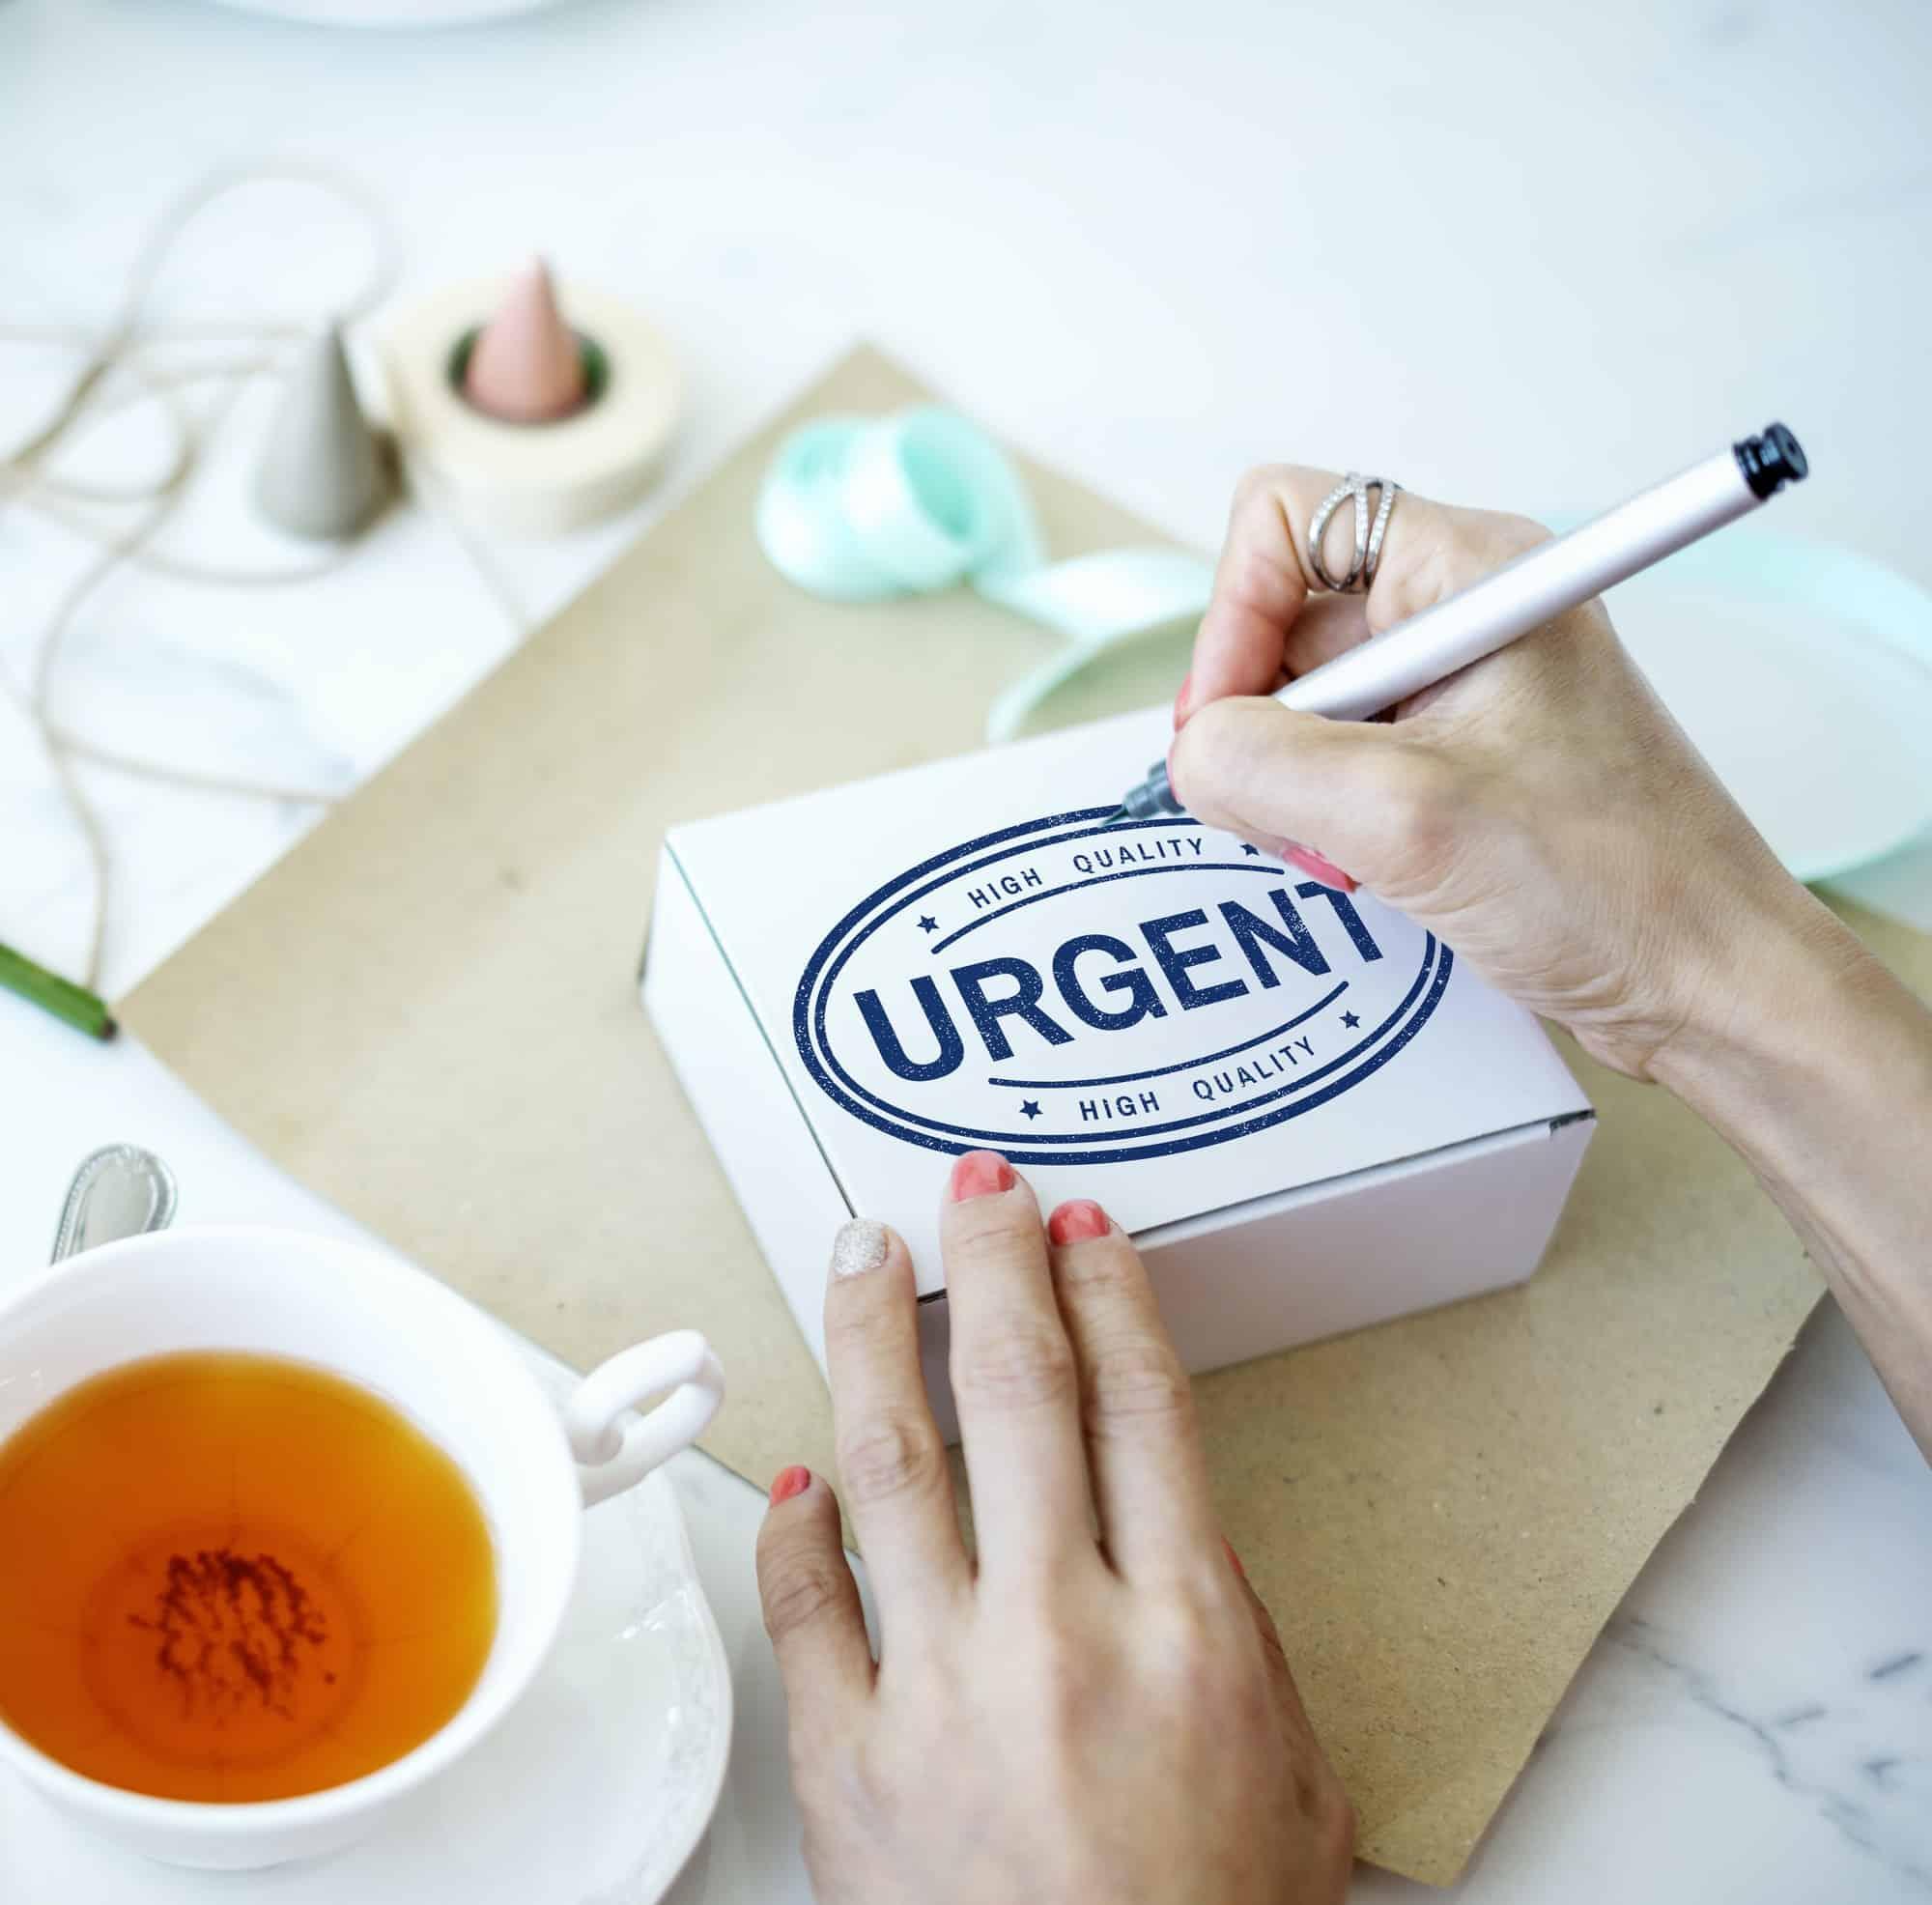 Urgent Important Priority